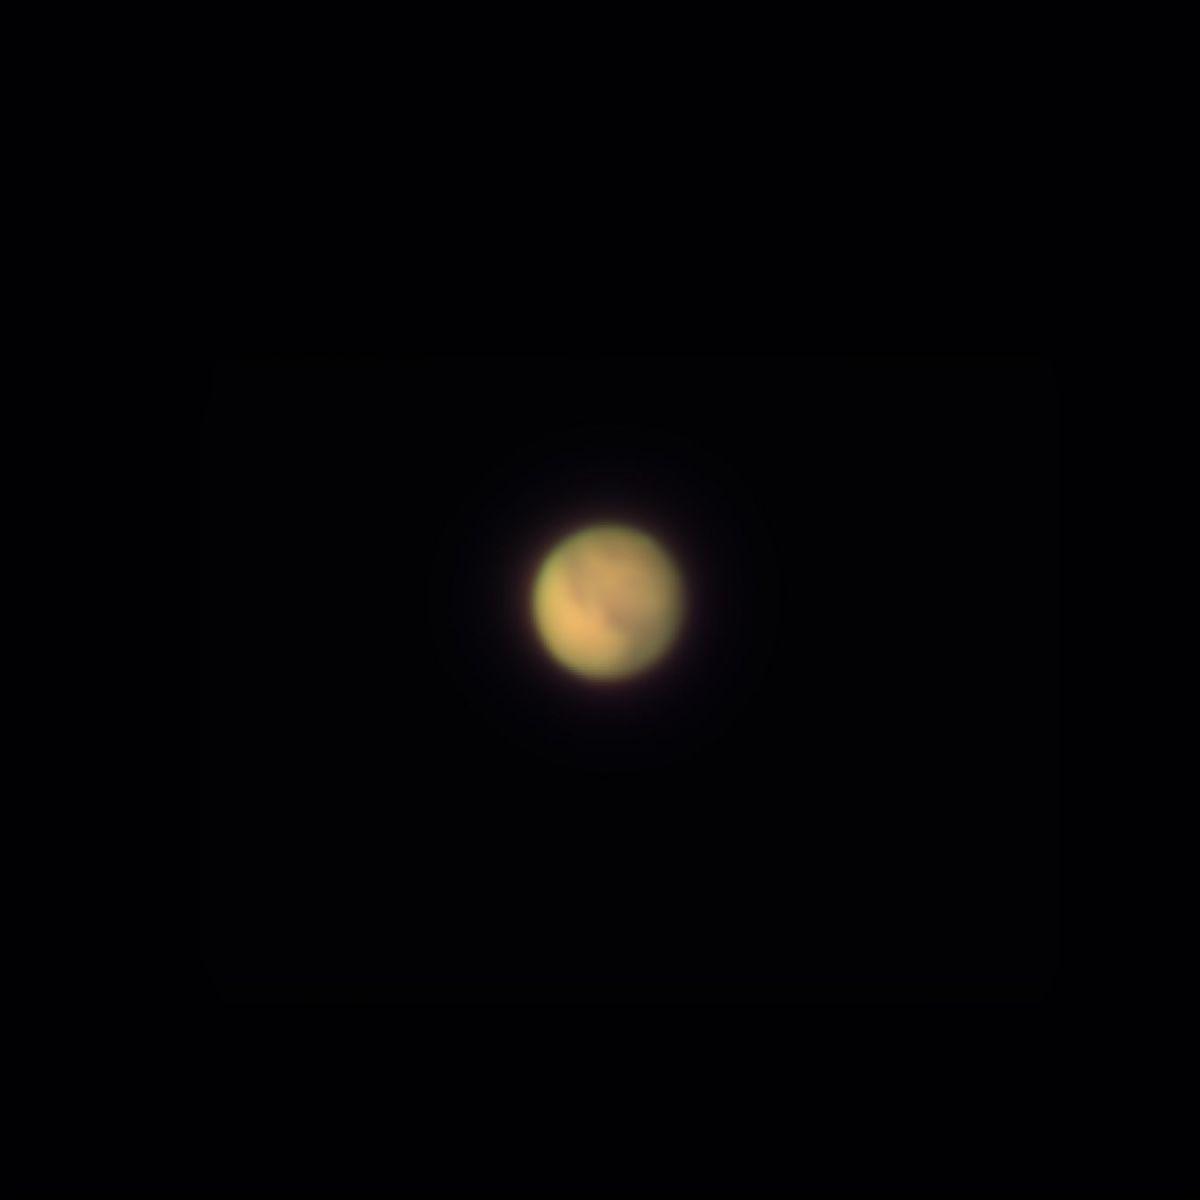 Mars Jupiter am 7.11.2020 mit ASI183Pro am 100/1500mm Refraktor